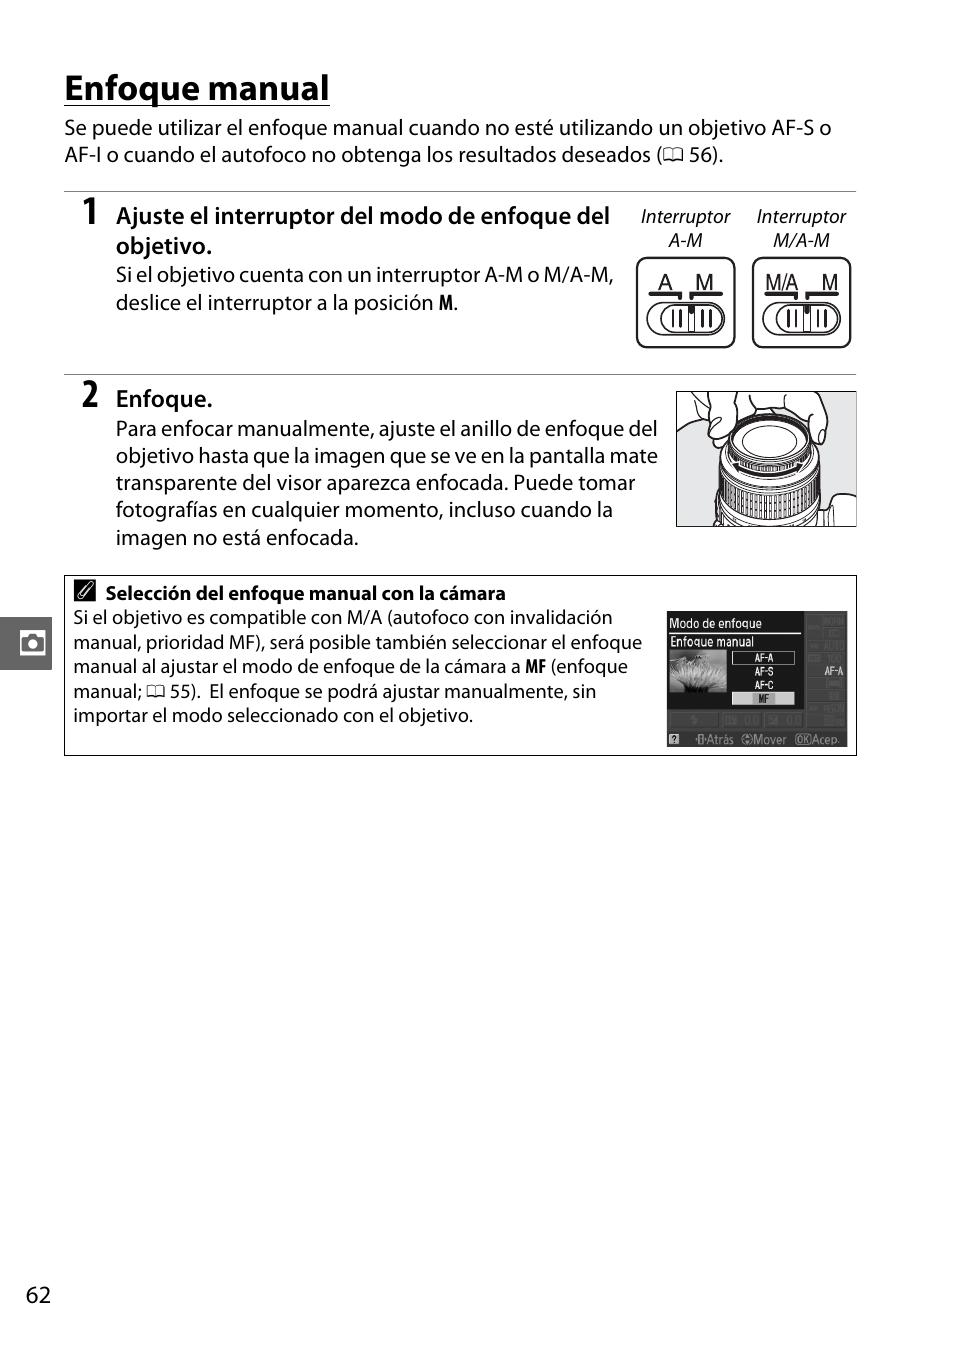 enfoque manual nikon d3100 manual del usuario p gina 78 224 rh pdfmanuales com Manual Focus Nikon D3100 Manual Mode Nikon D3100